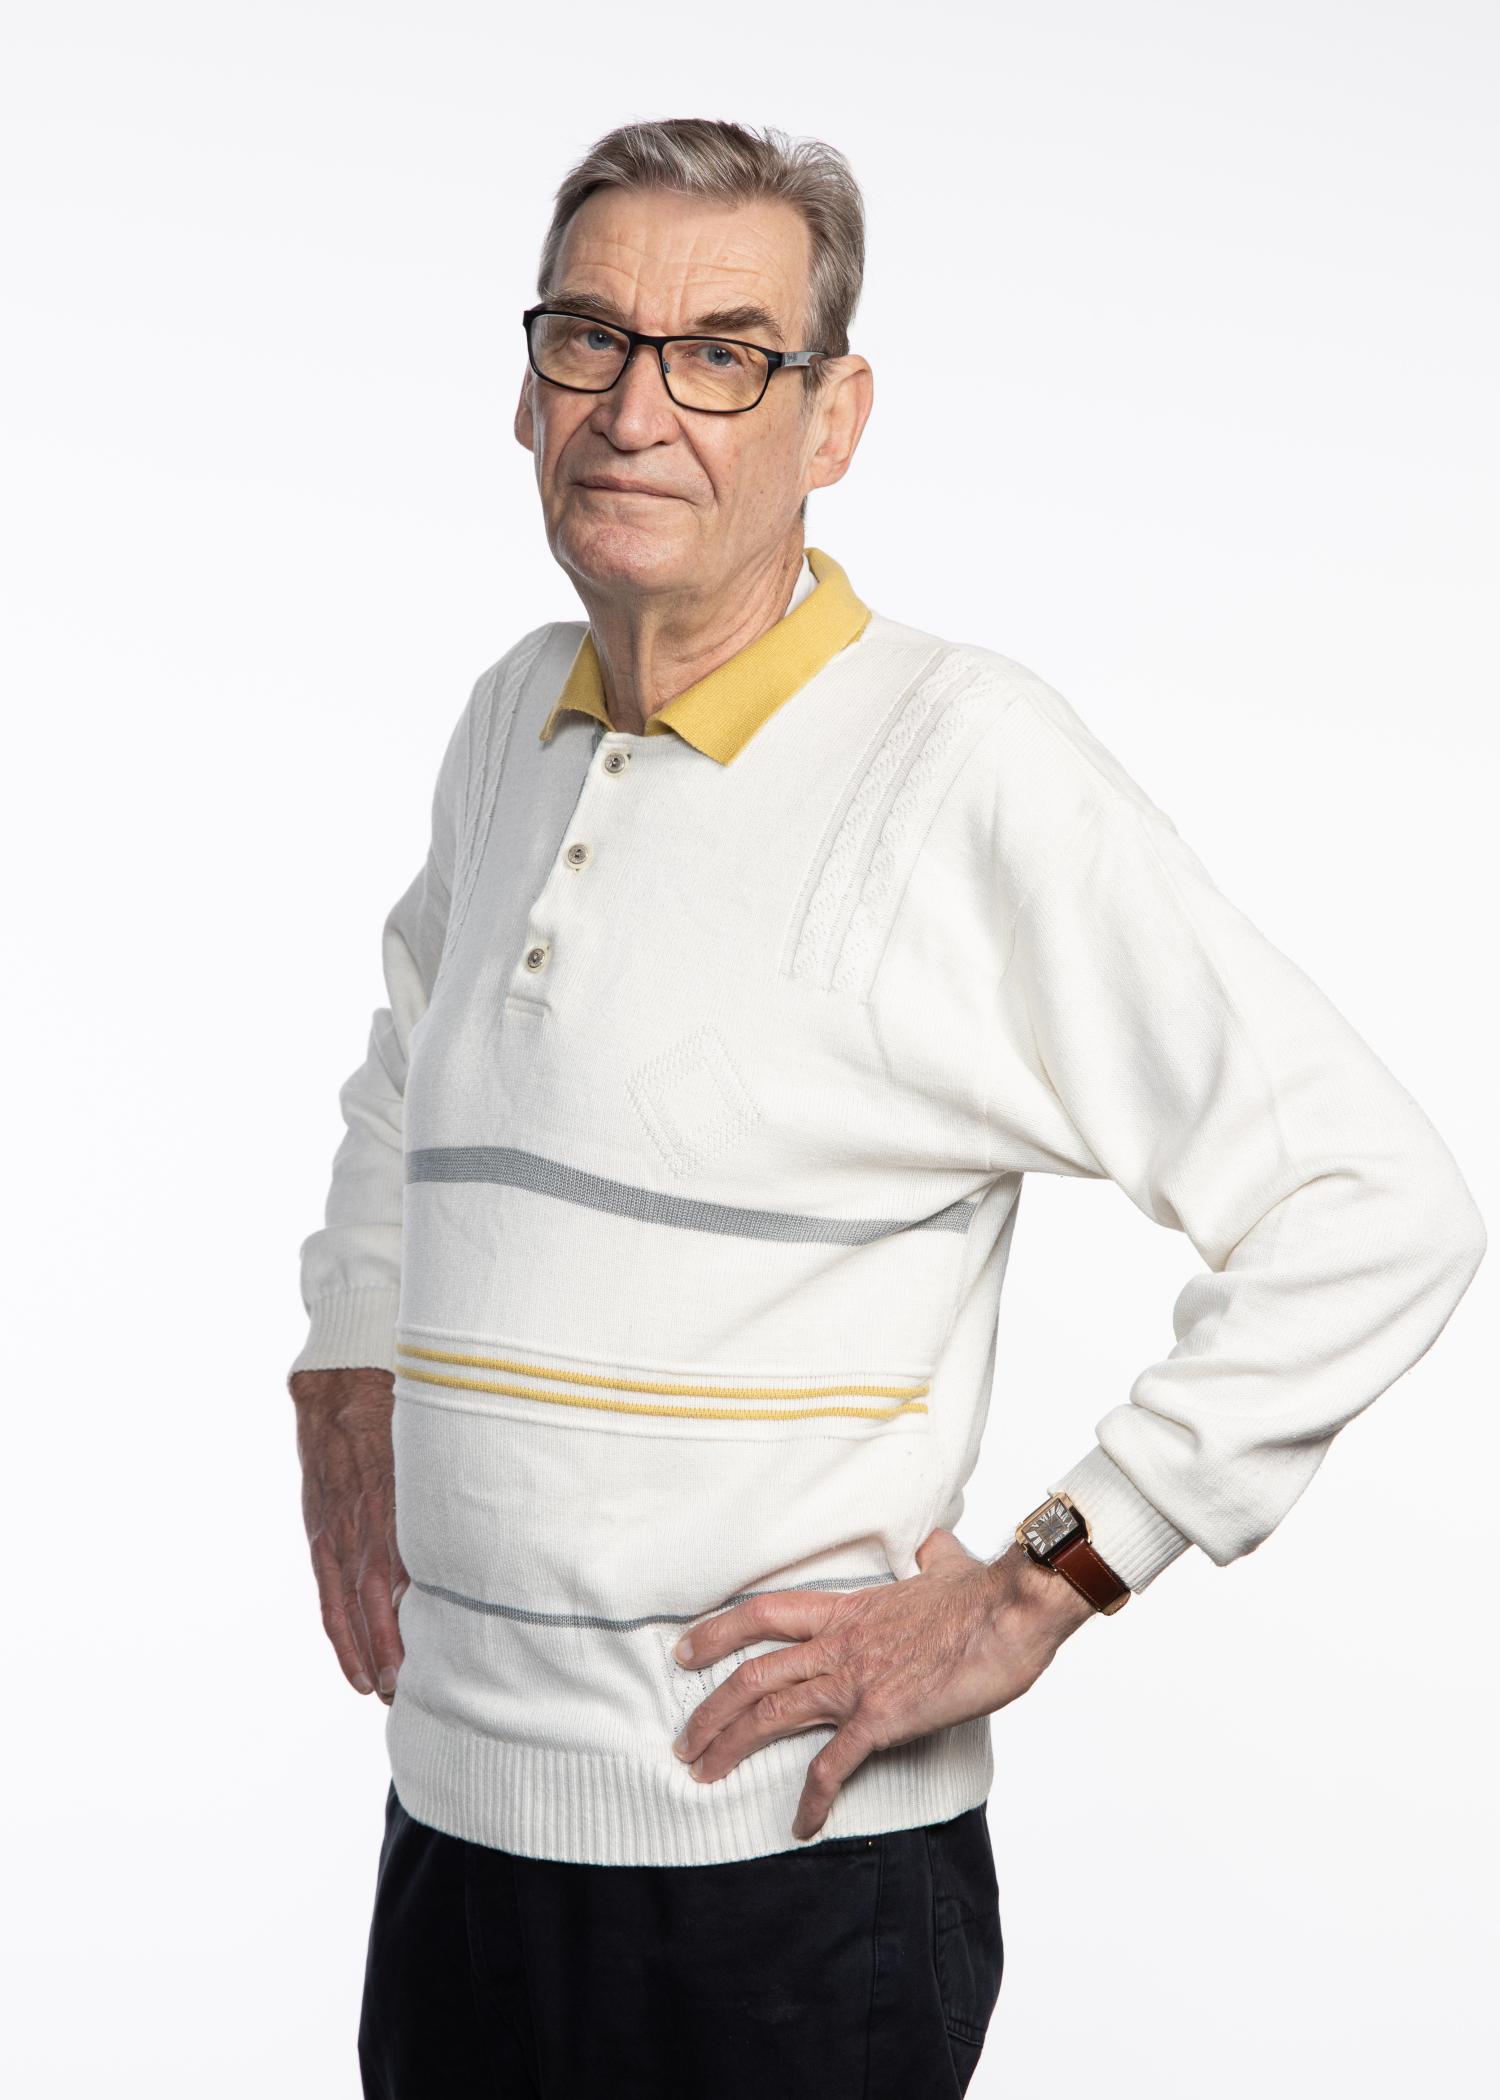 Jukka Suntila